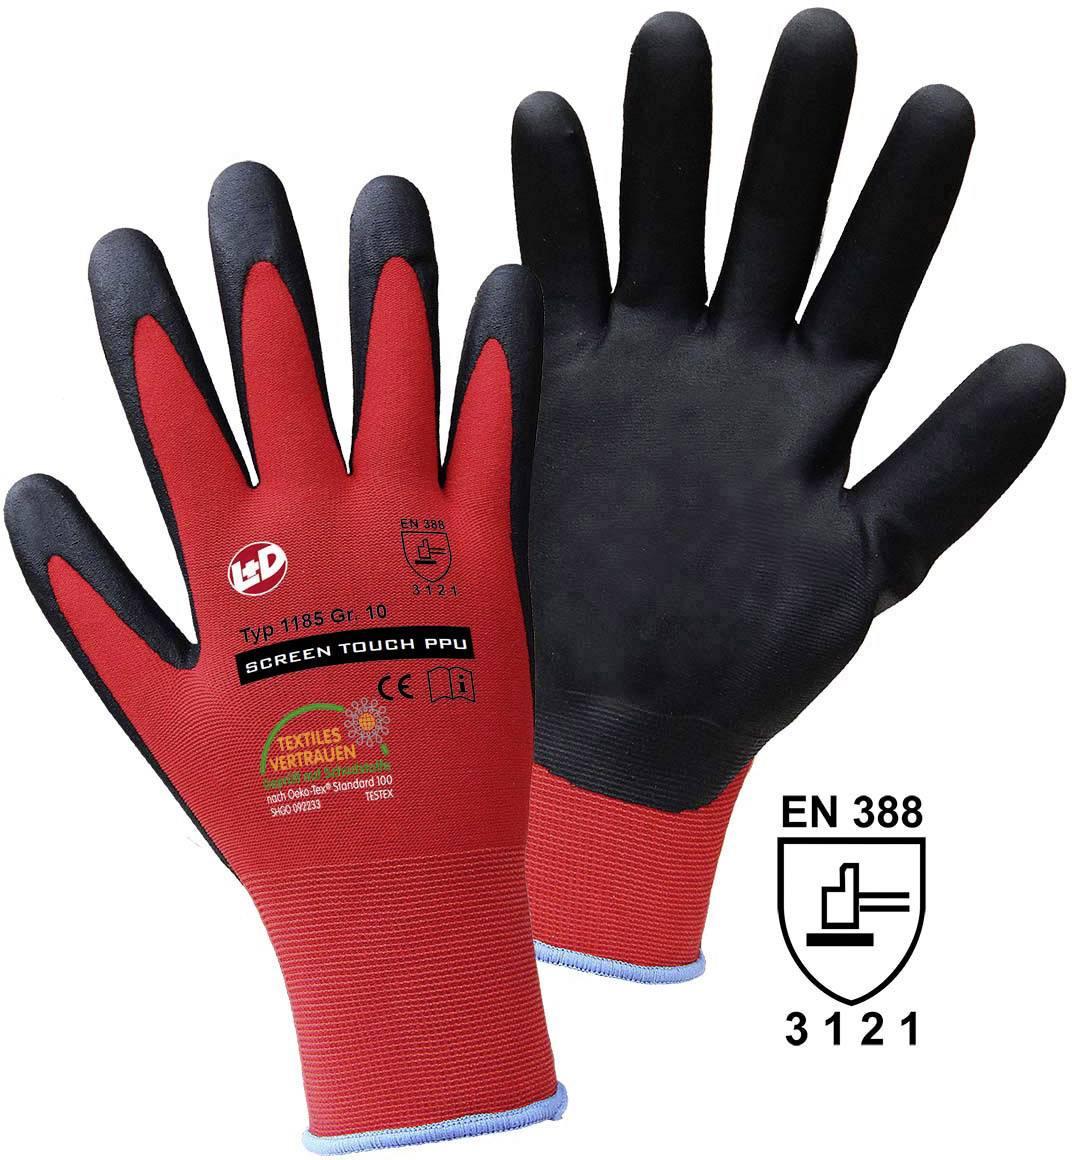 Pracovní rukavice Griffy SCREEN TOUCH PPU 1185, velikost rukavic: 10, XL